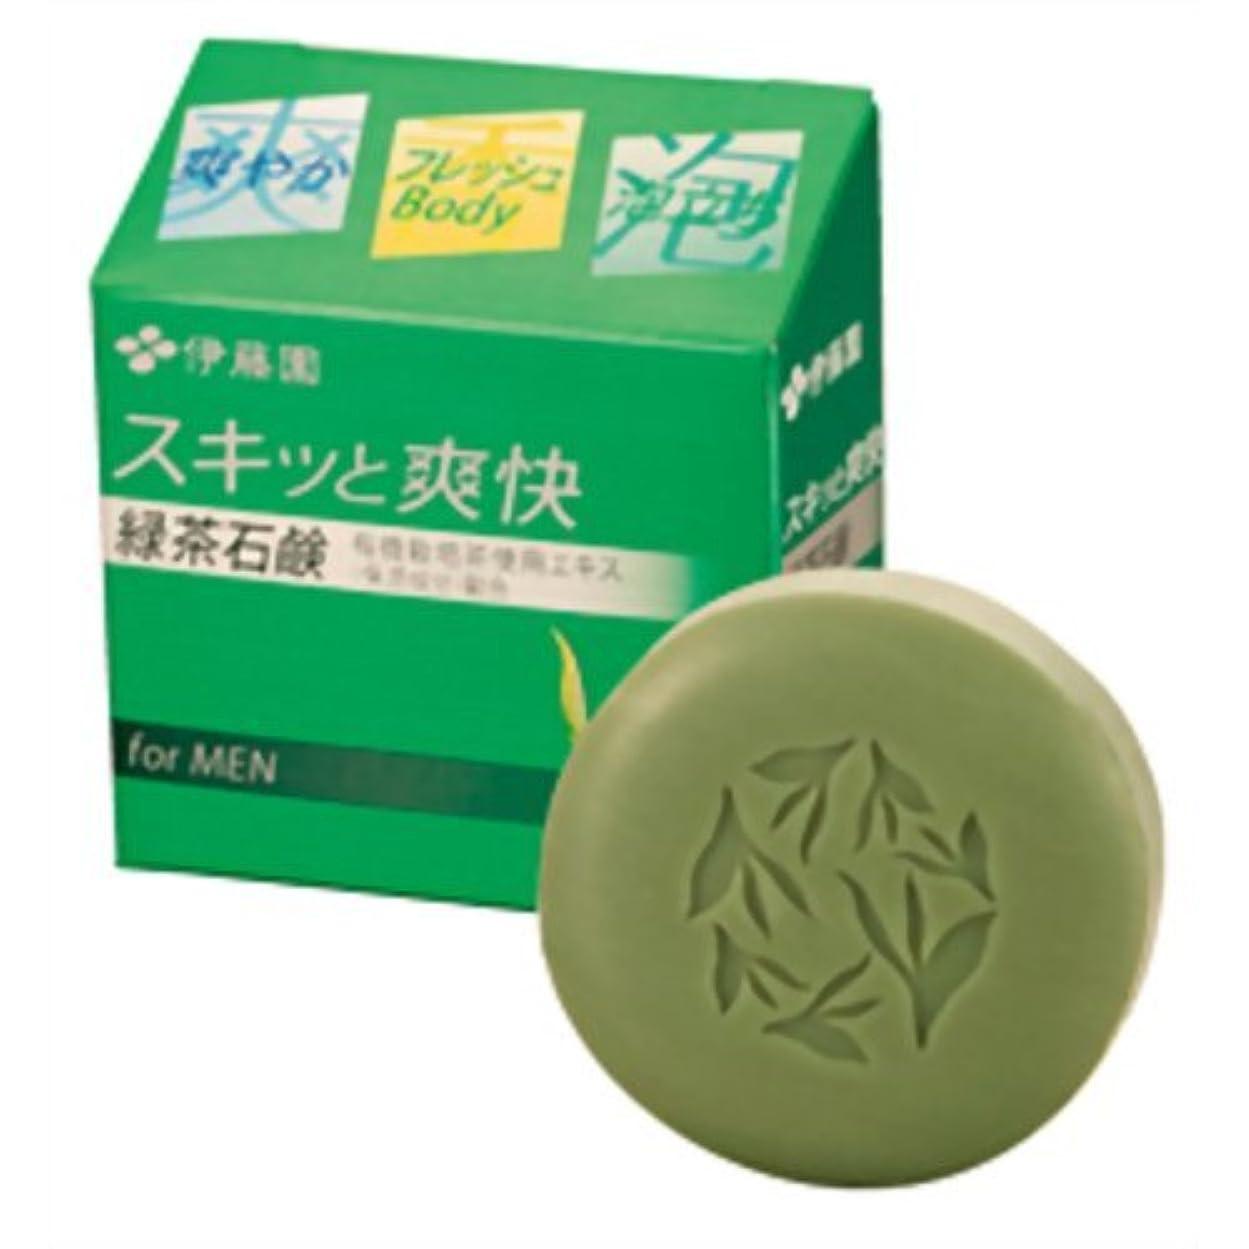 指小麦制限された伊藤園 スキッと爽快 緑茶石鹸 男性用 80g